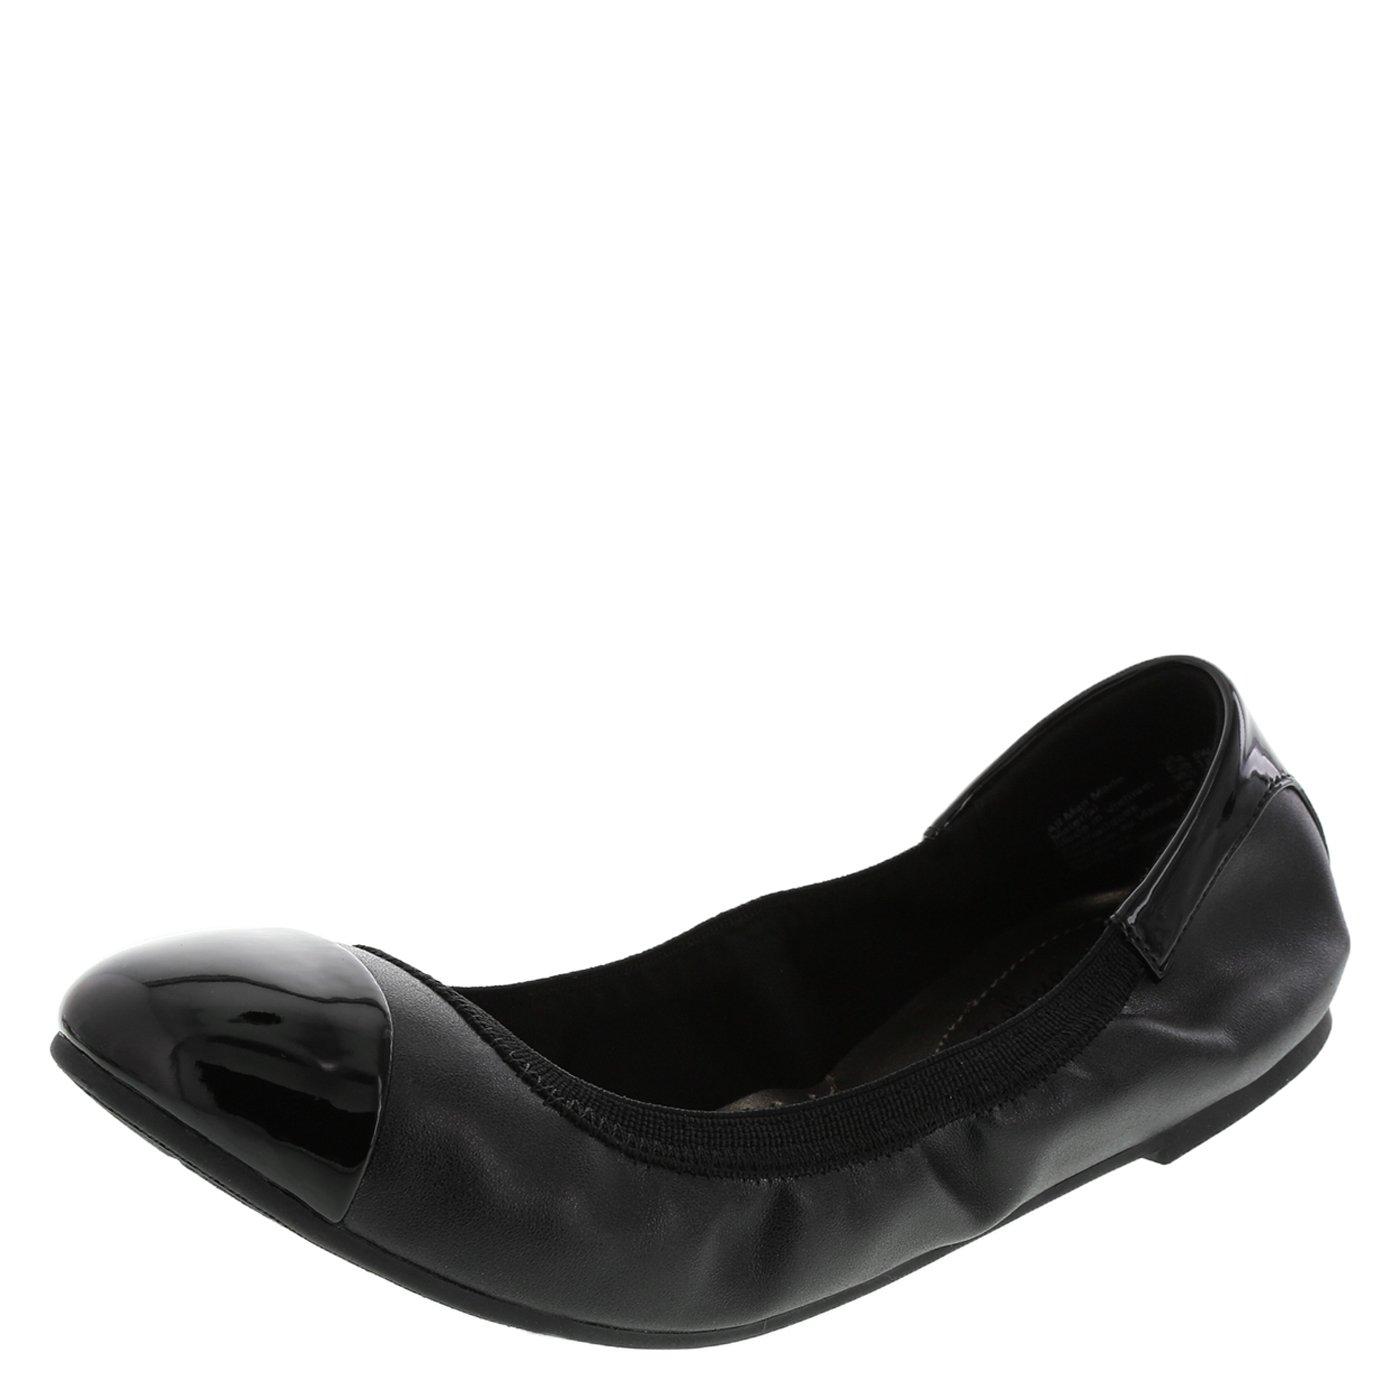 dexflex Comfort Women's Black Claire Scrunch Flat 11 M US